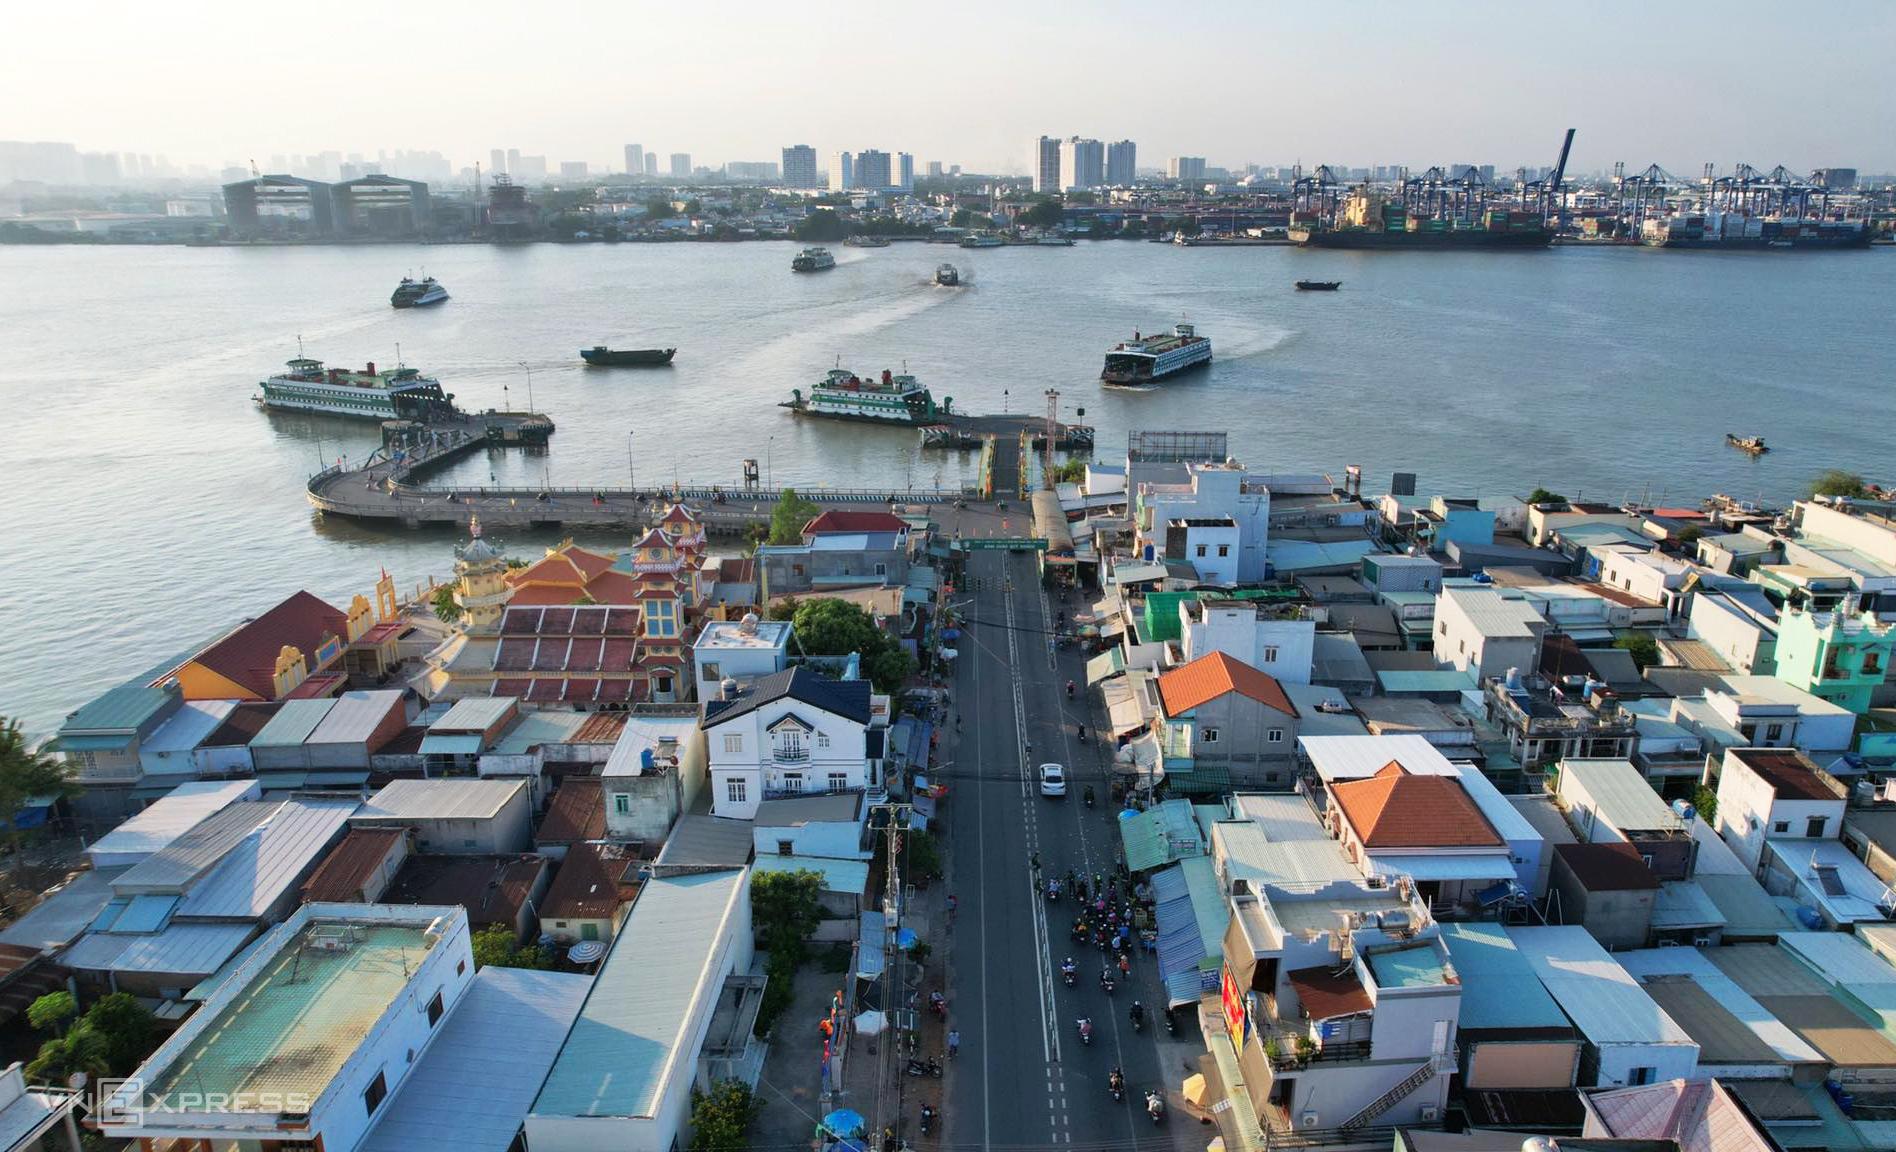 Bến phà Cát Lái phía đầu tỉnh Đồng Nai thông thoáng, chiều 3/5. Ảnh: Quỳnh Trần